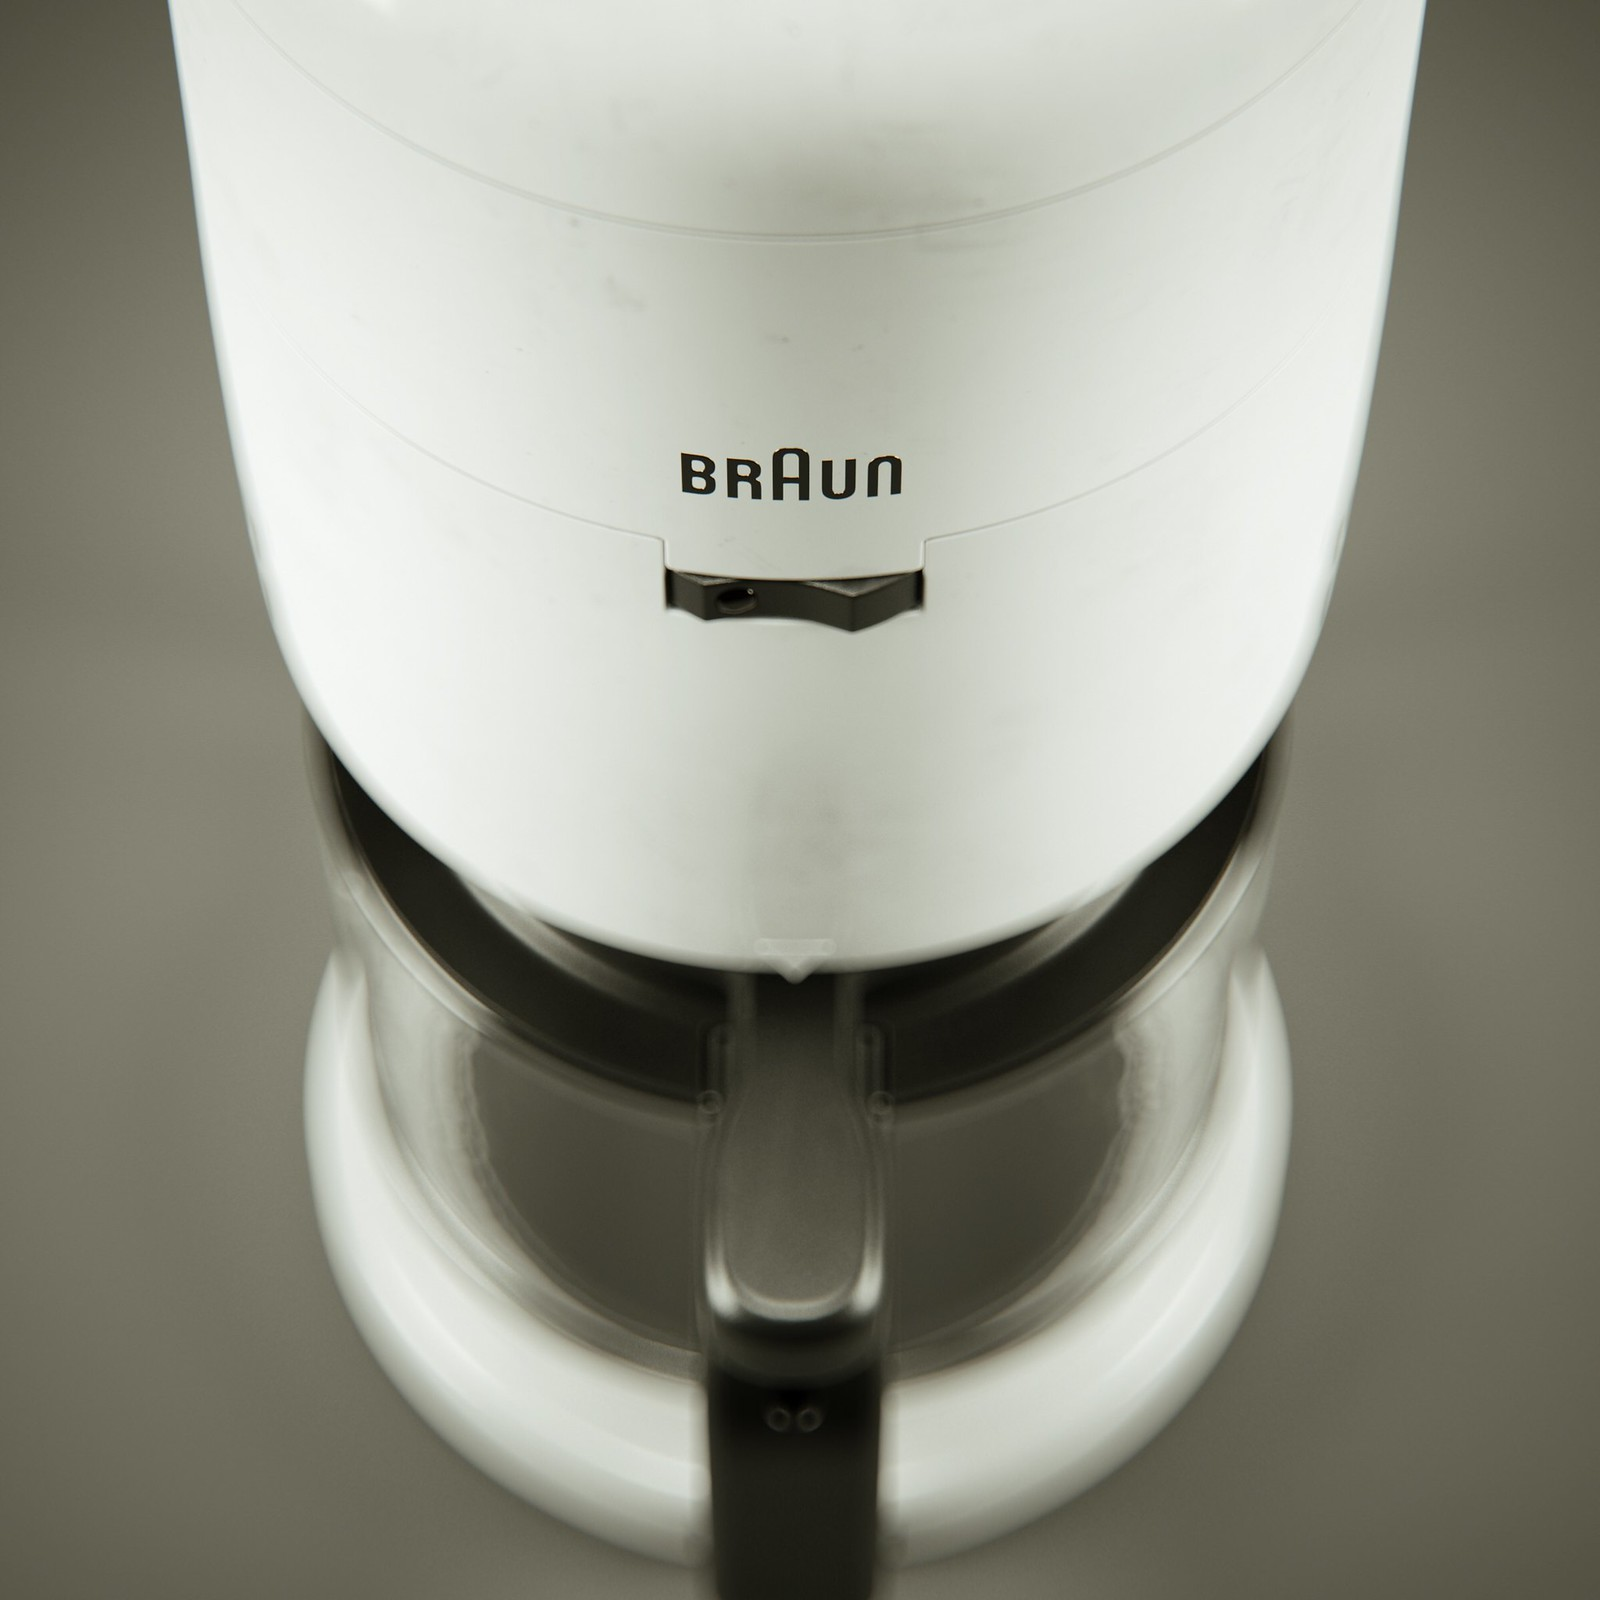 Braun KF20 Aromaster